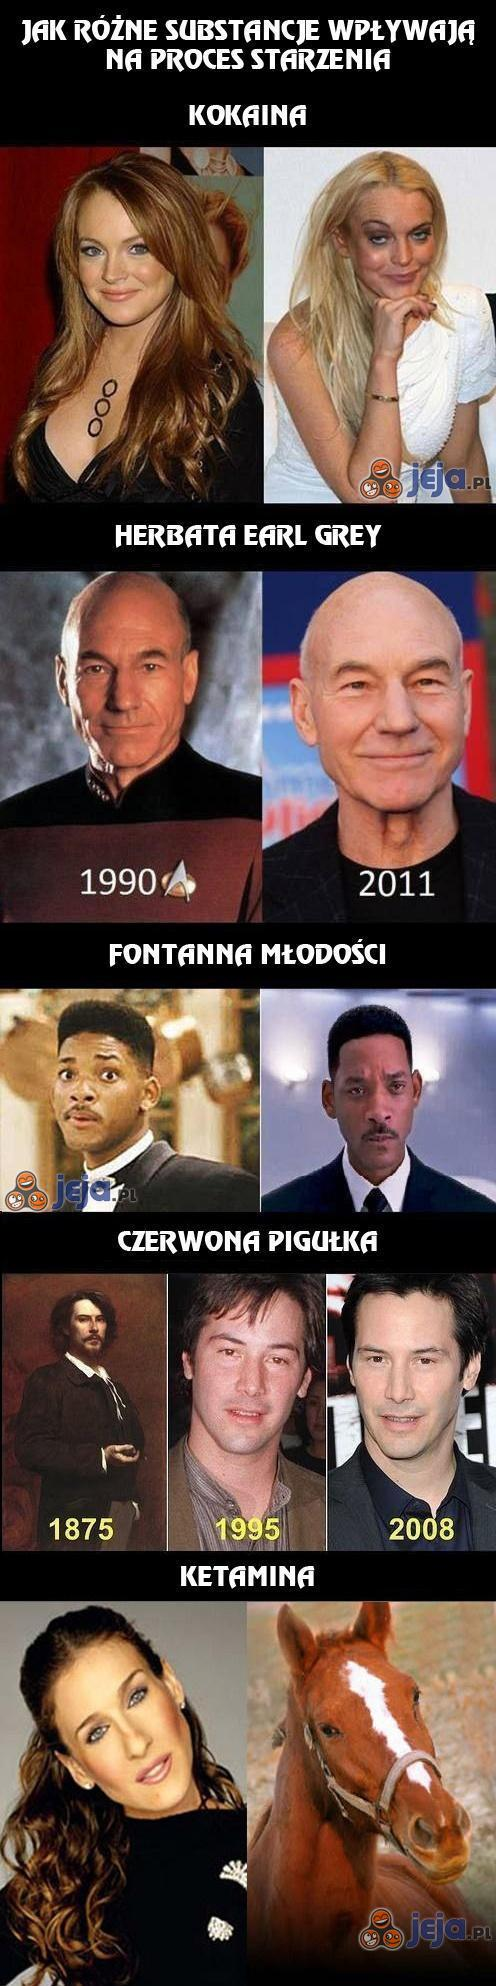 Proces starzenia u aktorów